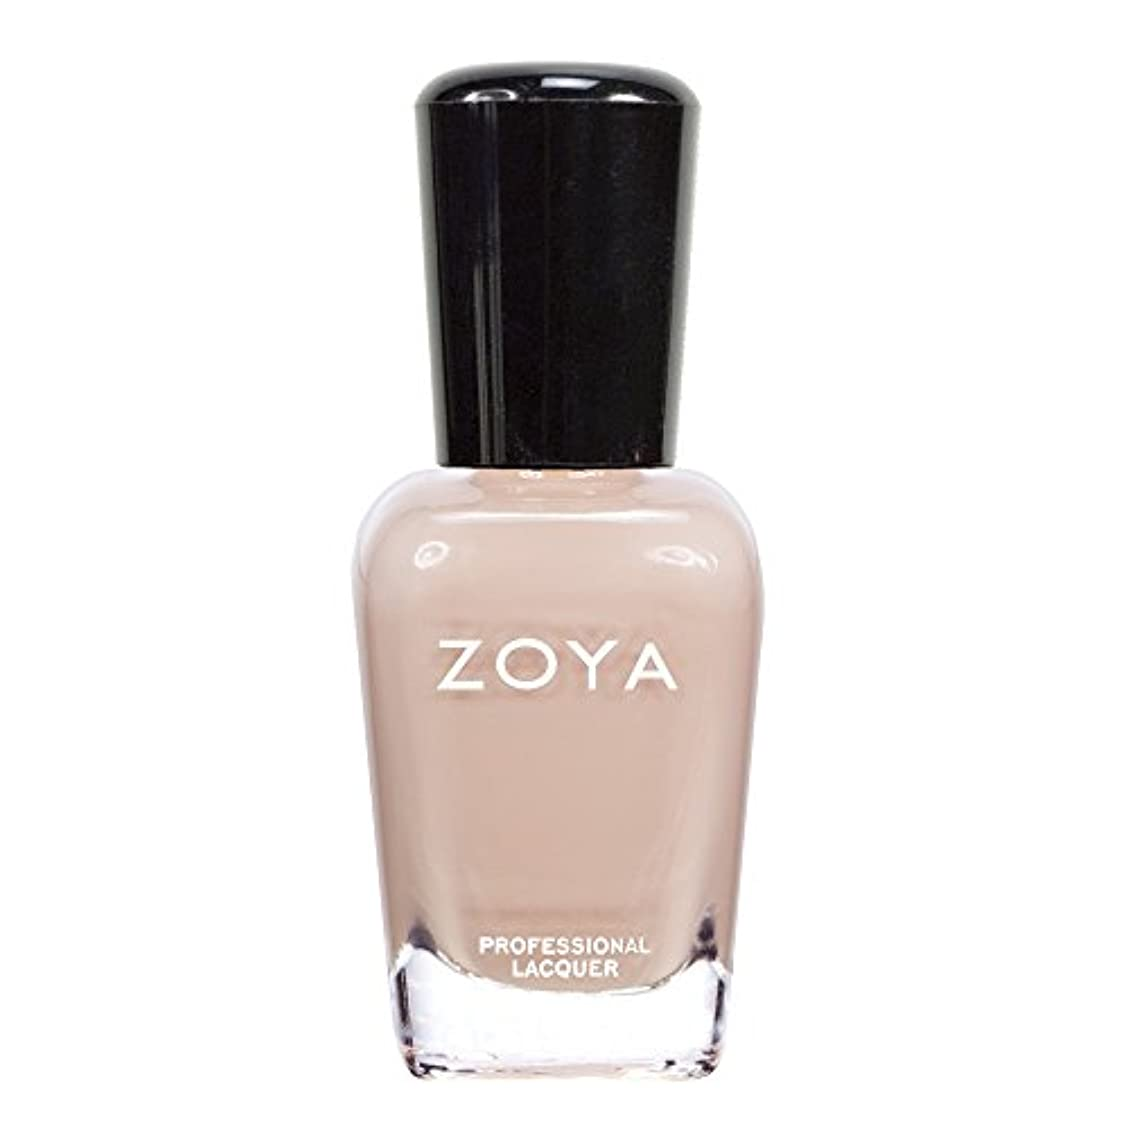 単語にんじん熱ZOYA ゾーヤ ネイルカラーZP596 AVERY エイブリィ 15ml 優しく色づくブロンドベージュ マット/クリーム 爪にやさしいネイルラッカーマニキュア